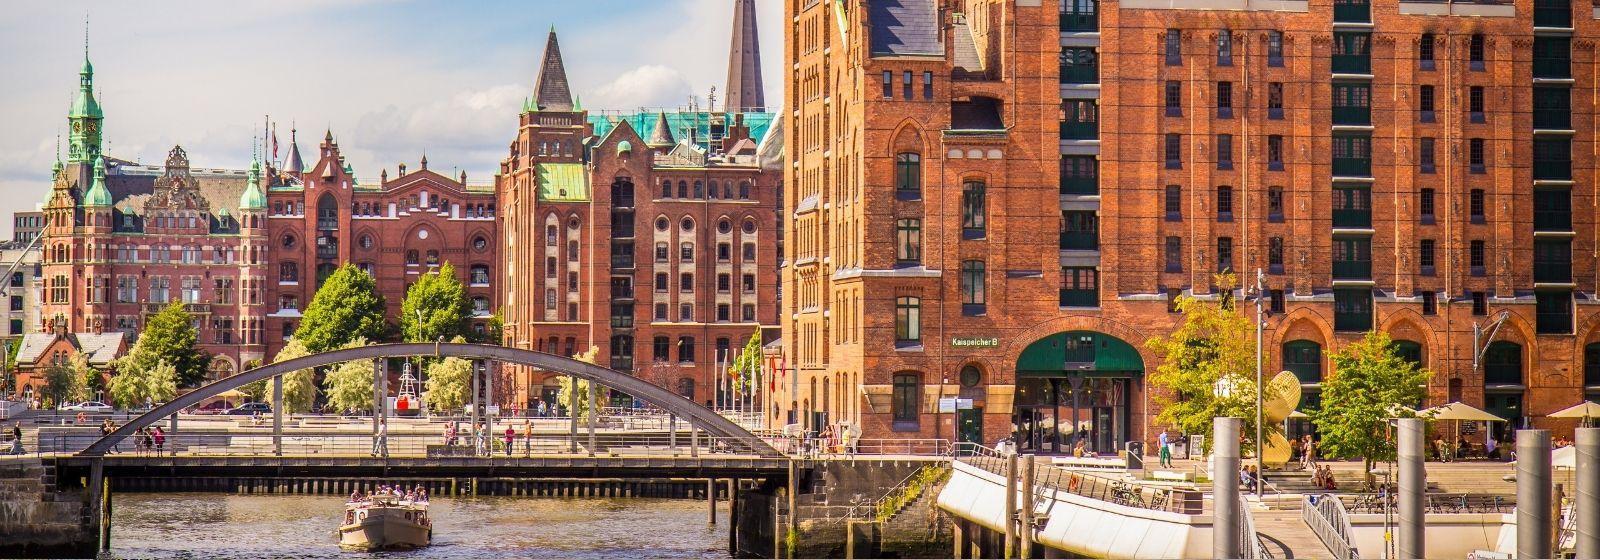 Things to do in Hamburg